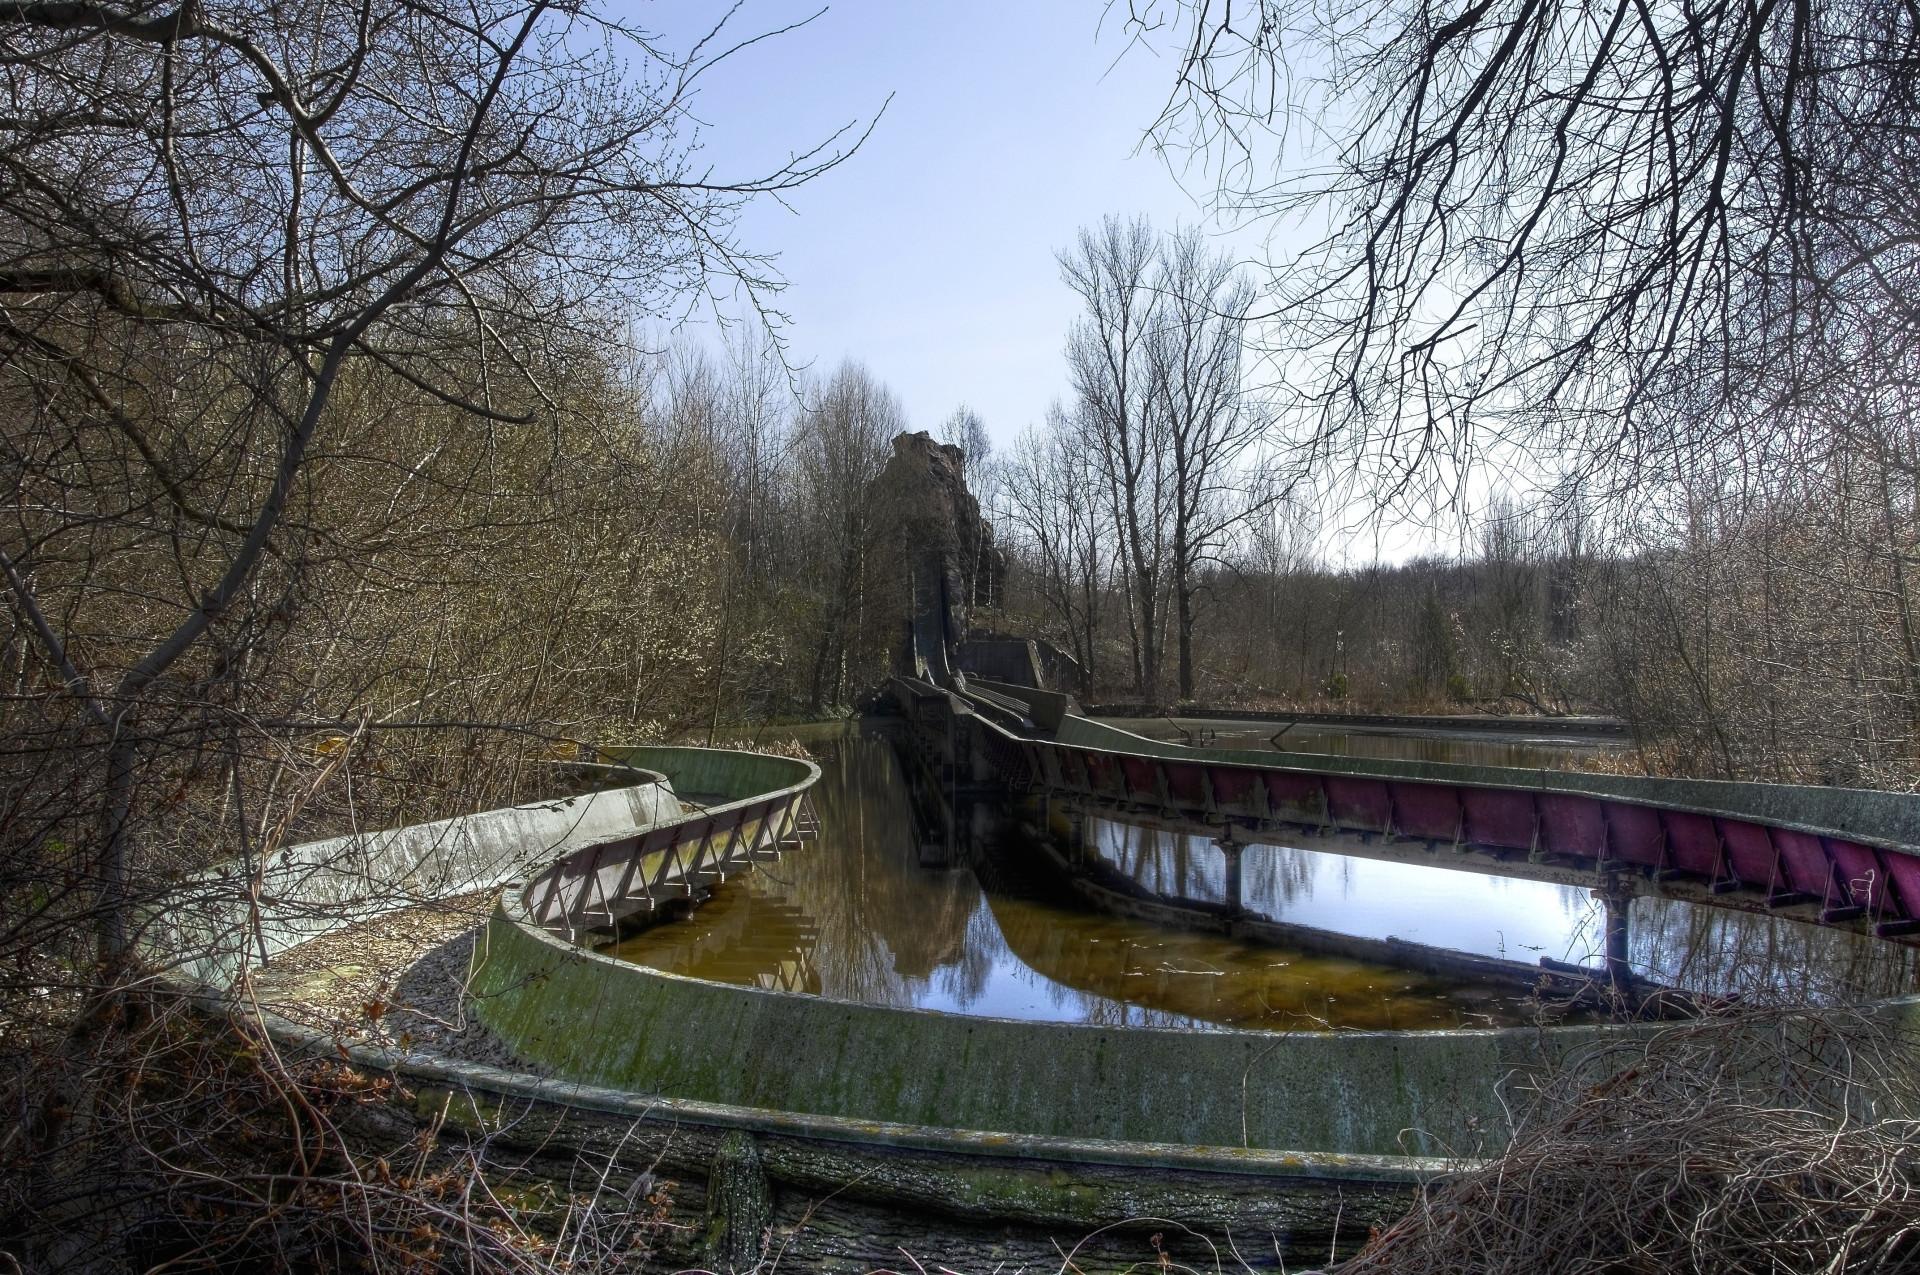 Conheça estes assustadores parques de diversões abandonados